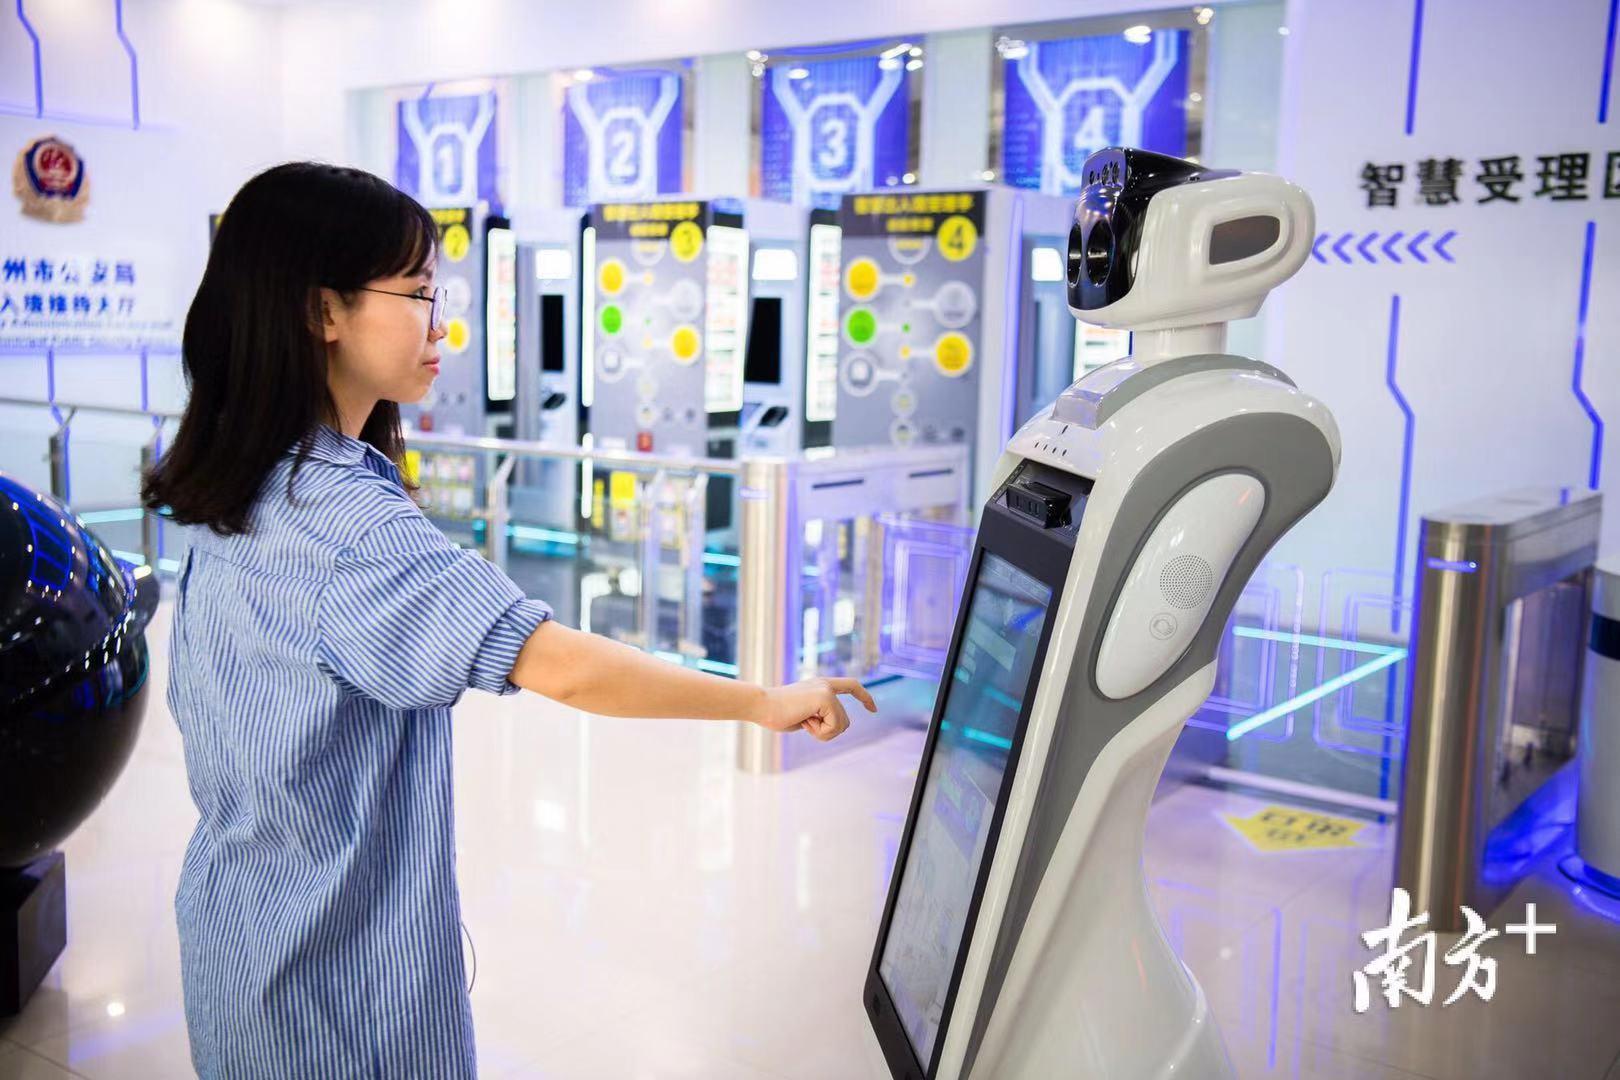 智能机器人车管所机器人小房间,公安局机器人好心情,警察机器人我动作,出入境机器人